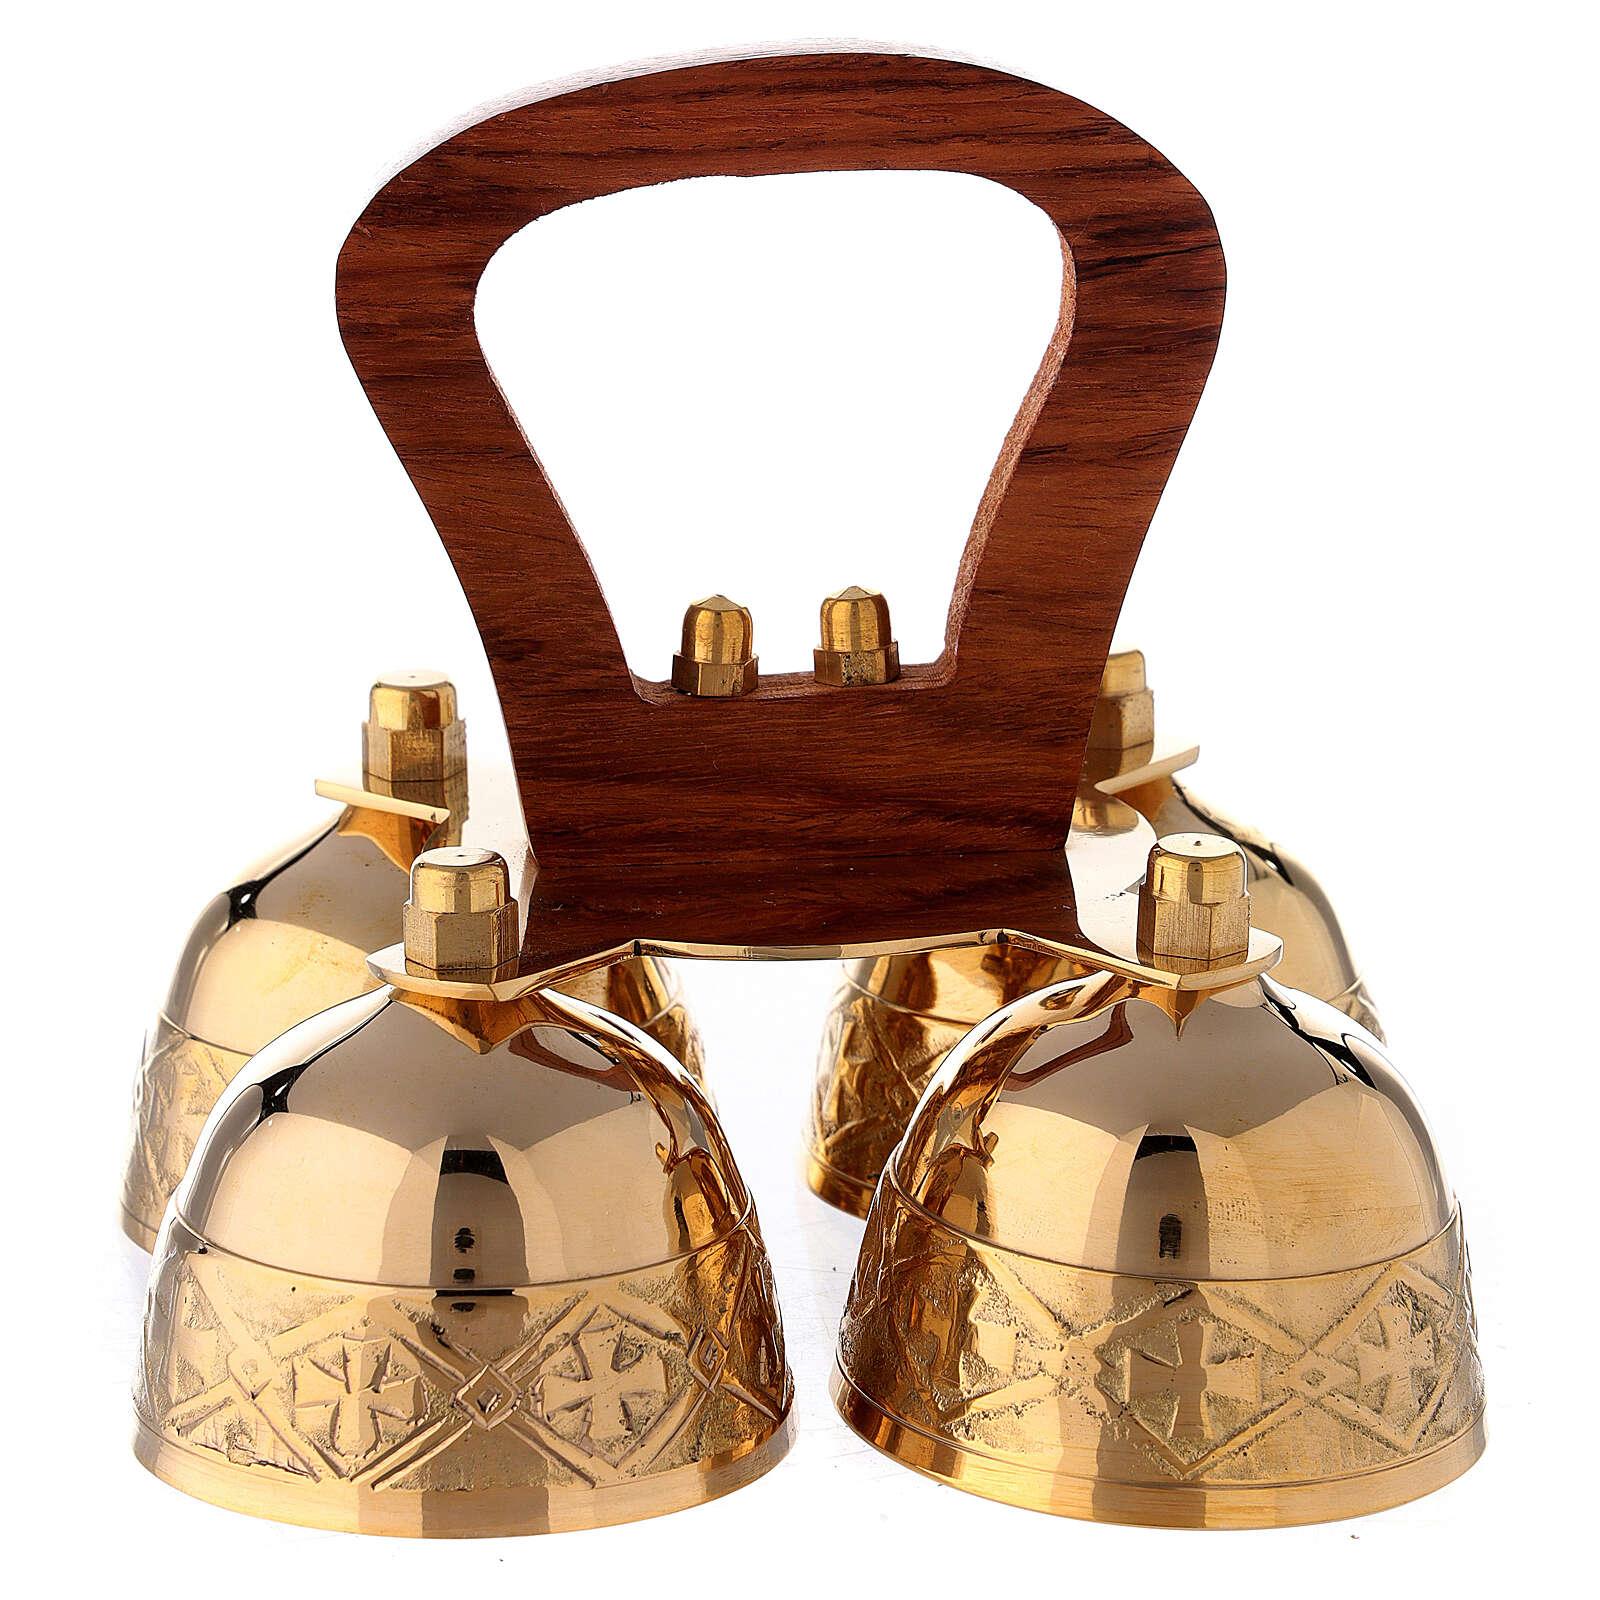 Clochette liturgique 4 sons manches bois laiton 3